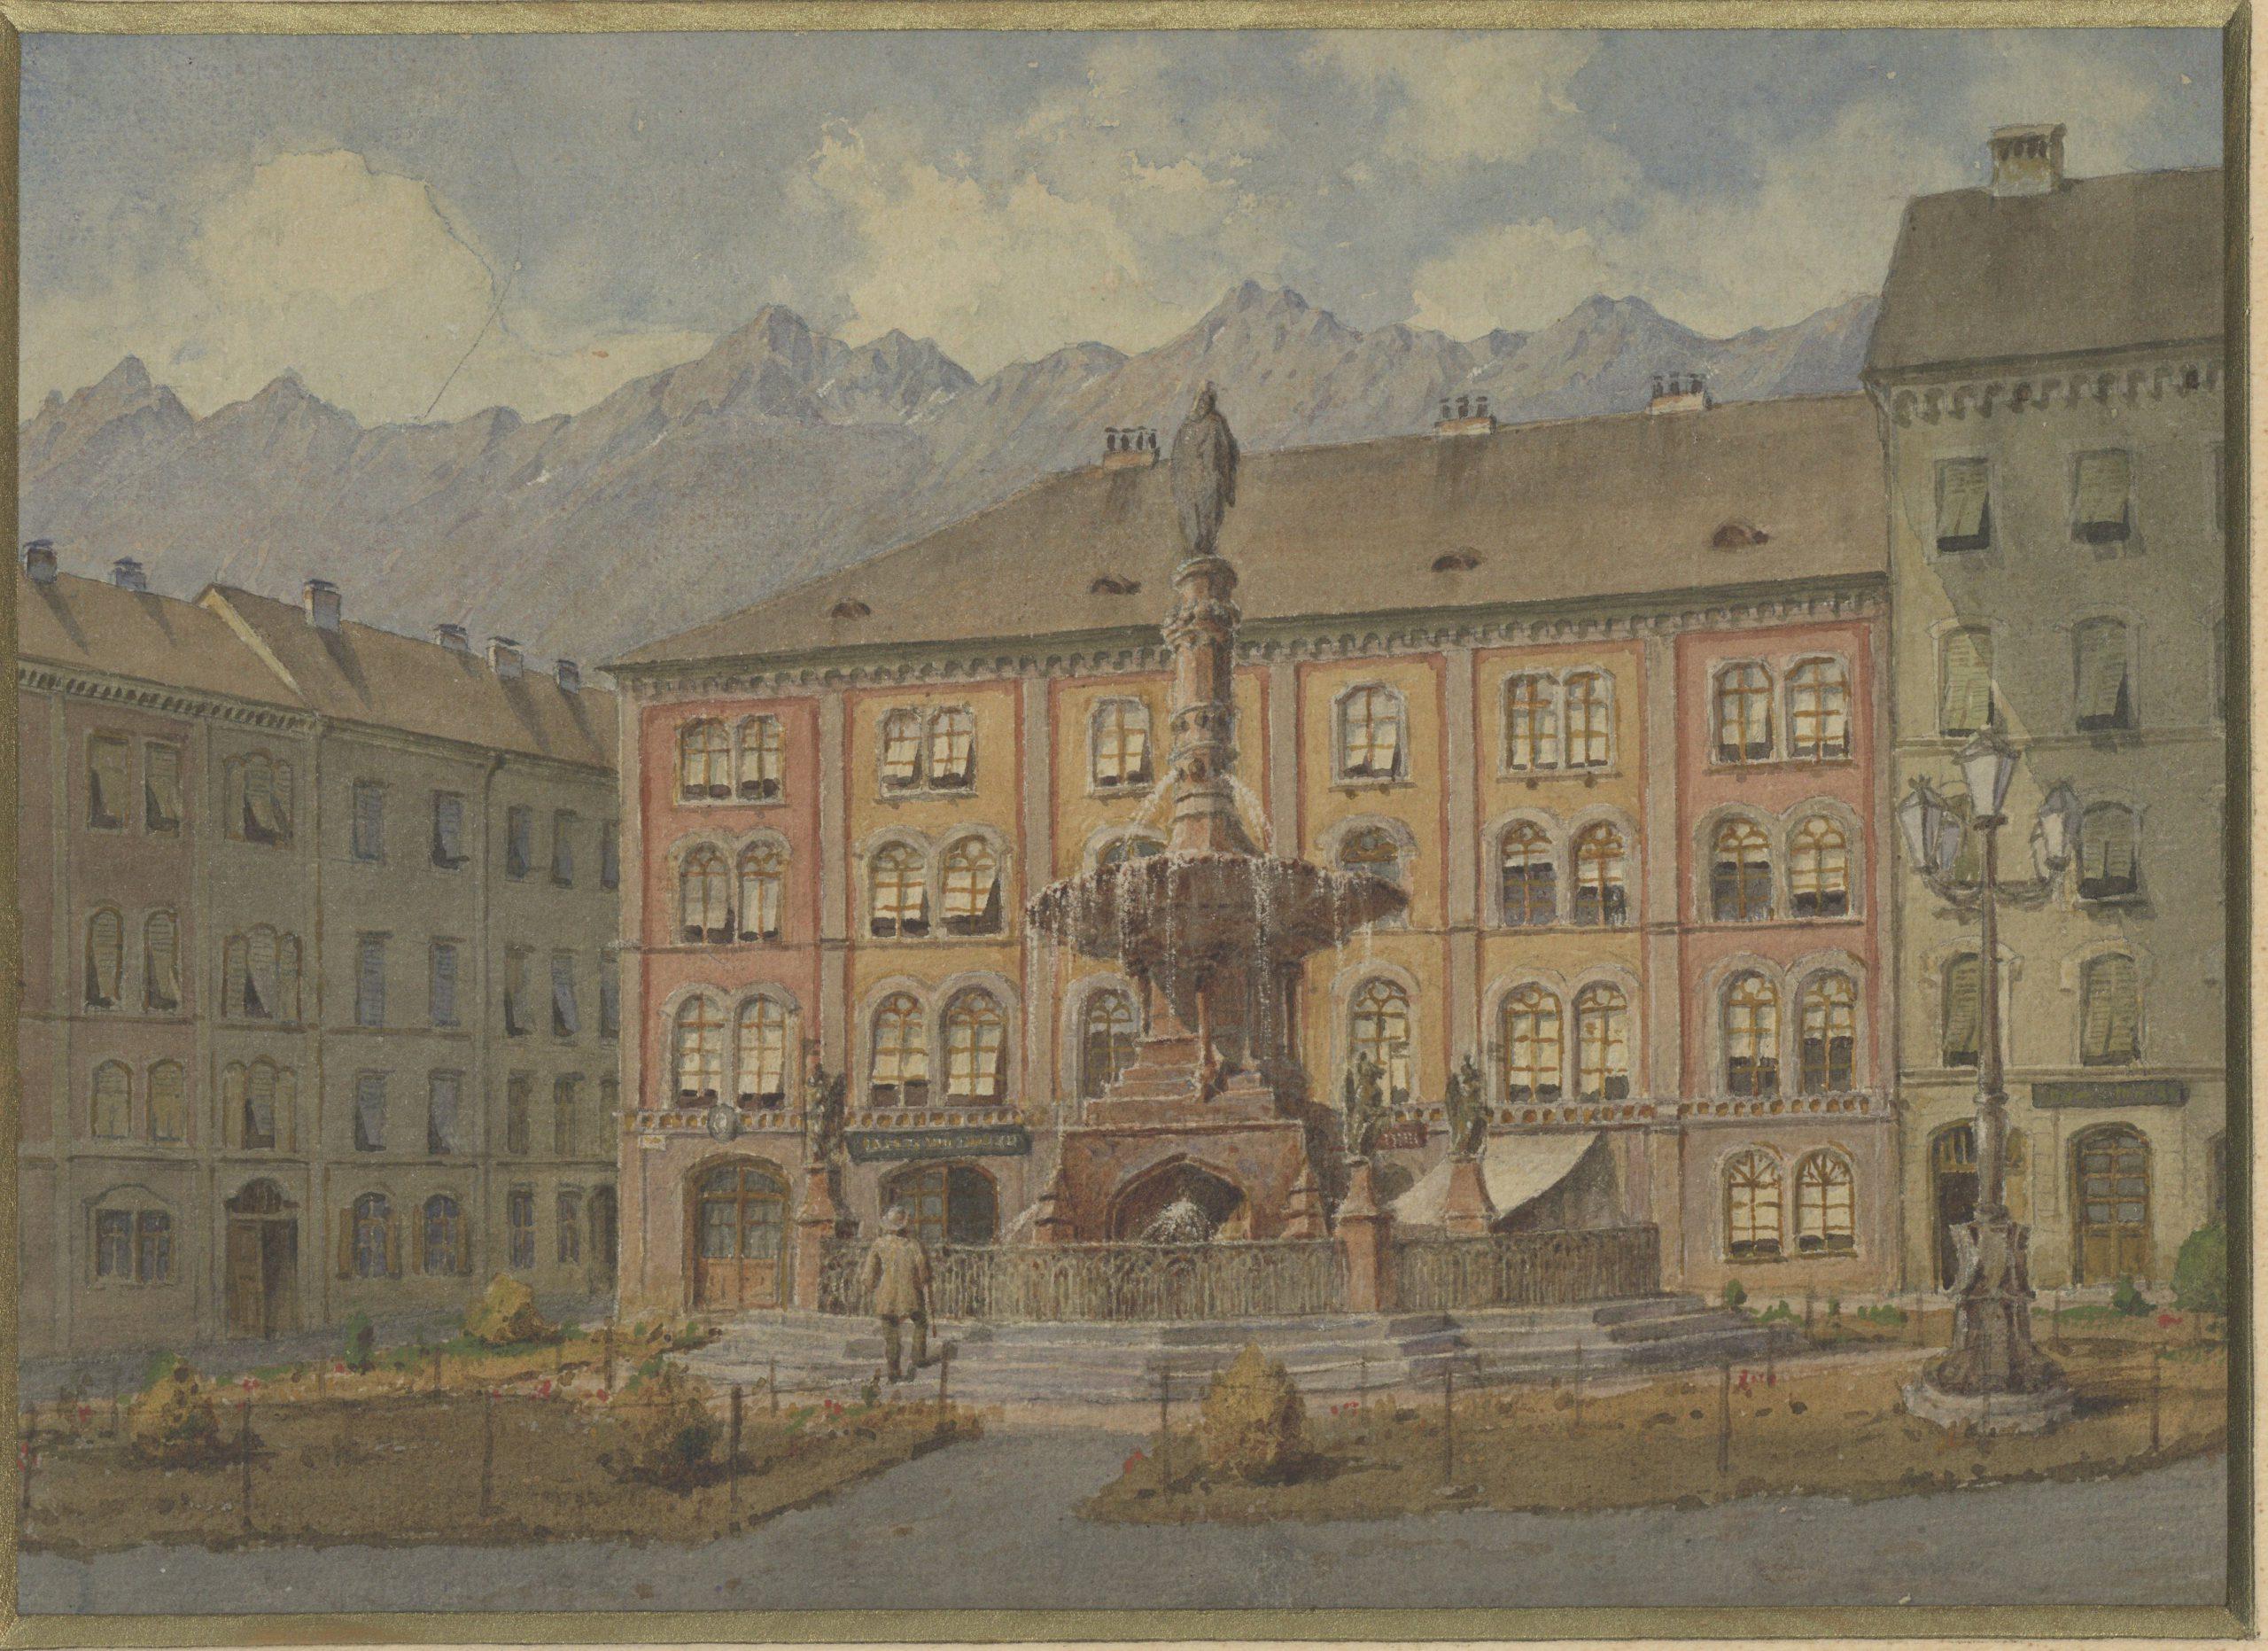 Blick Ins 19. Jahrhundert – V